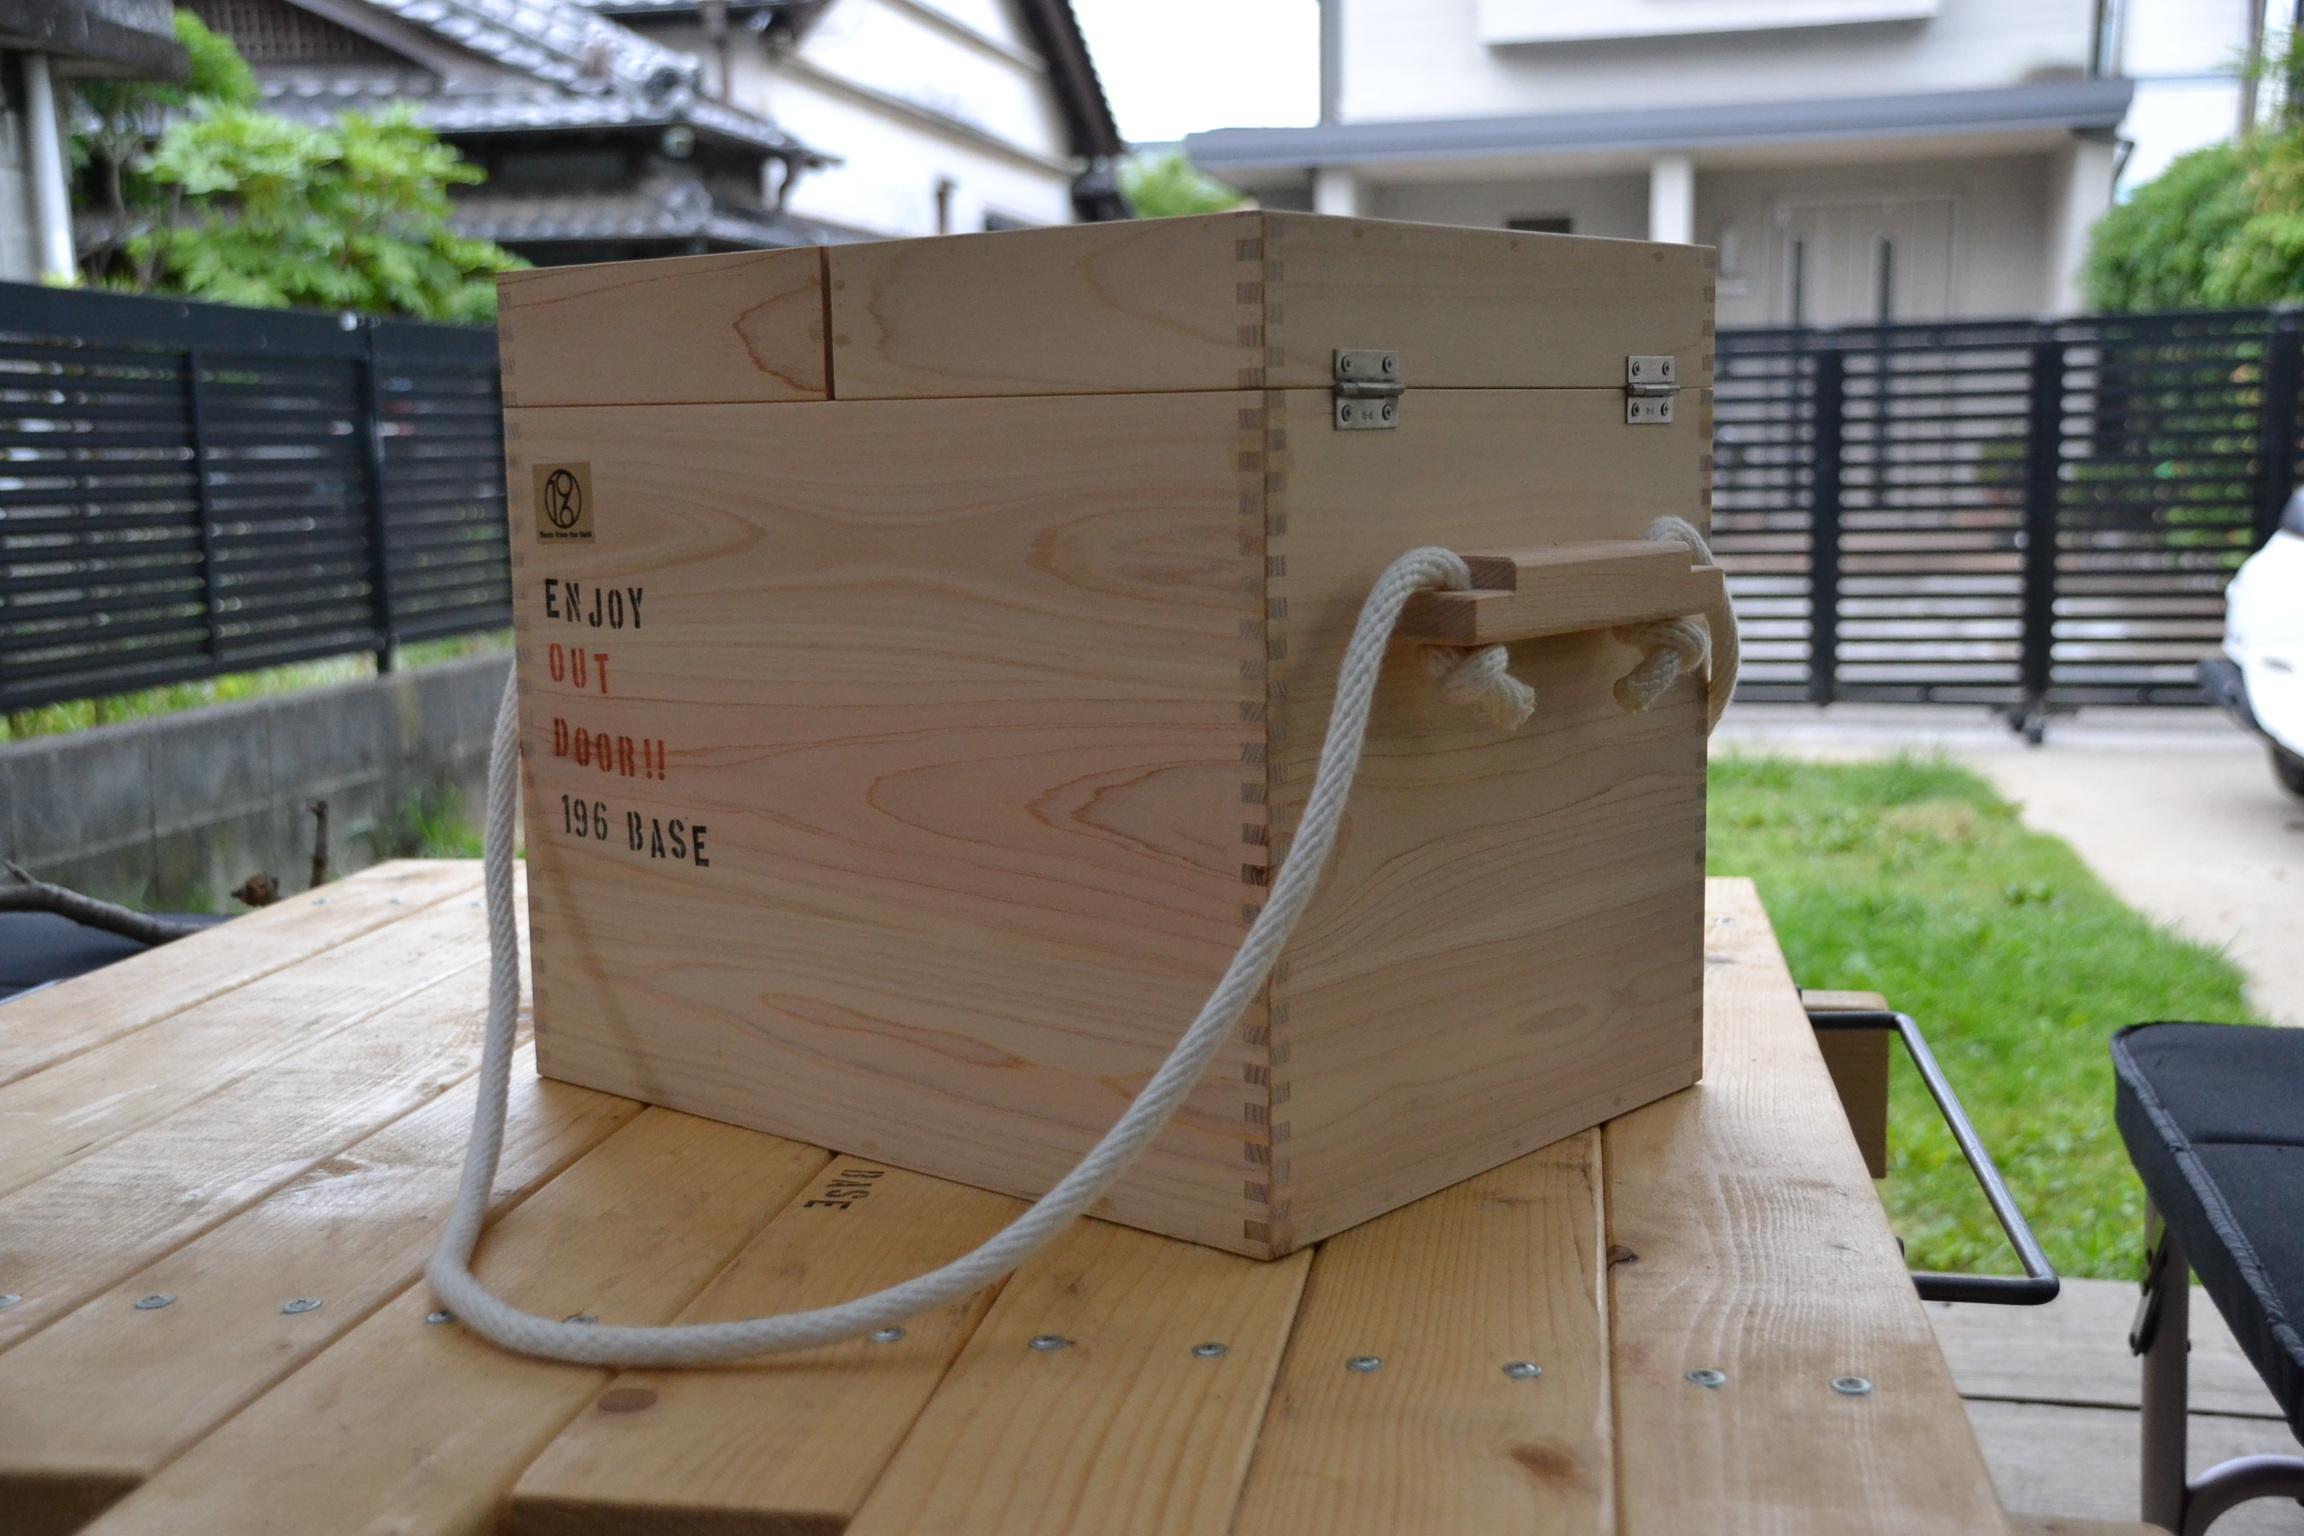 196 ひのき キャンプ 道具箱 DIY ピクニックバスケット